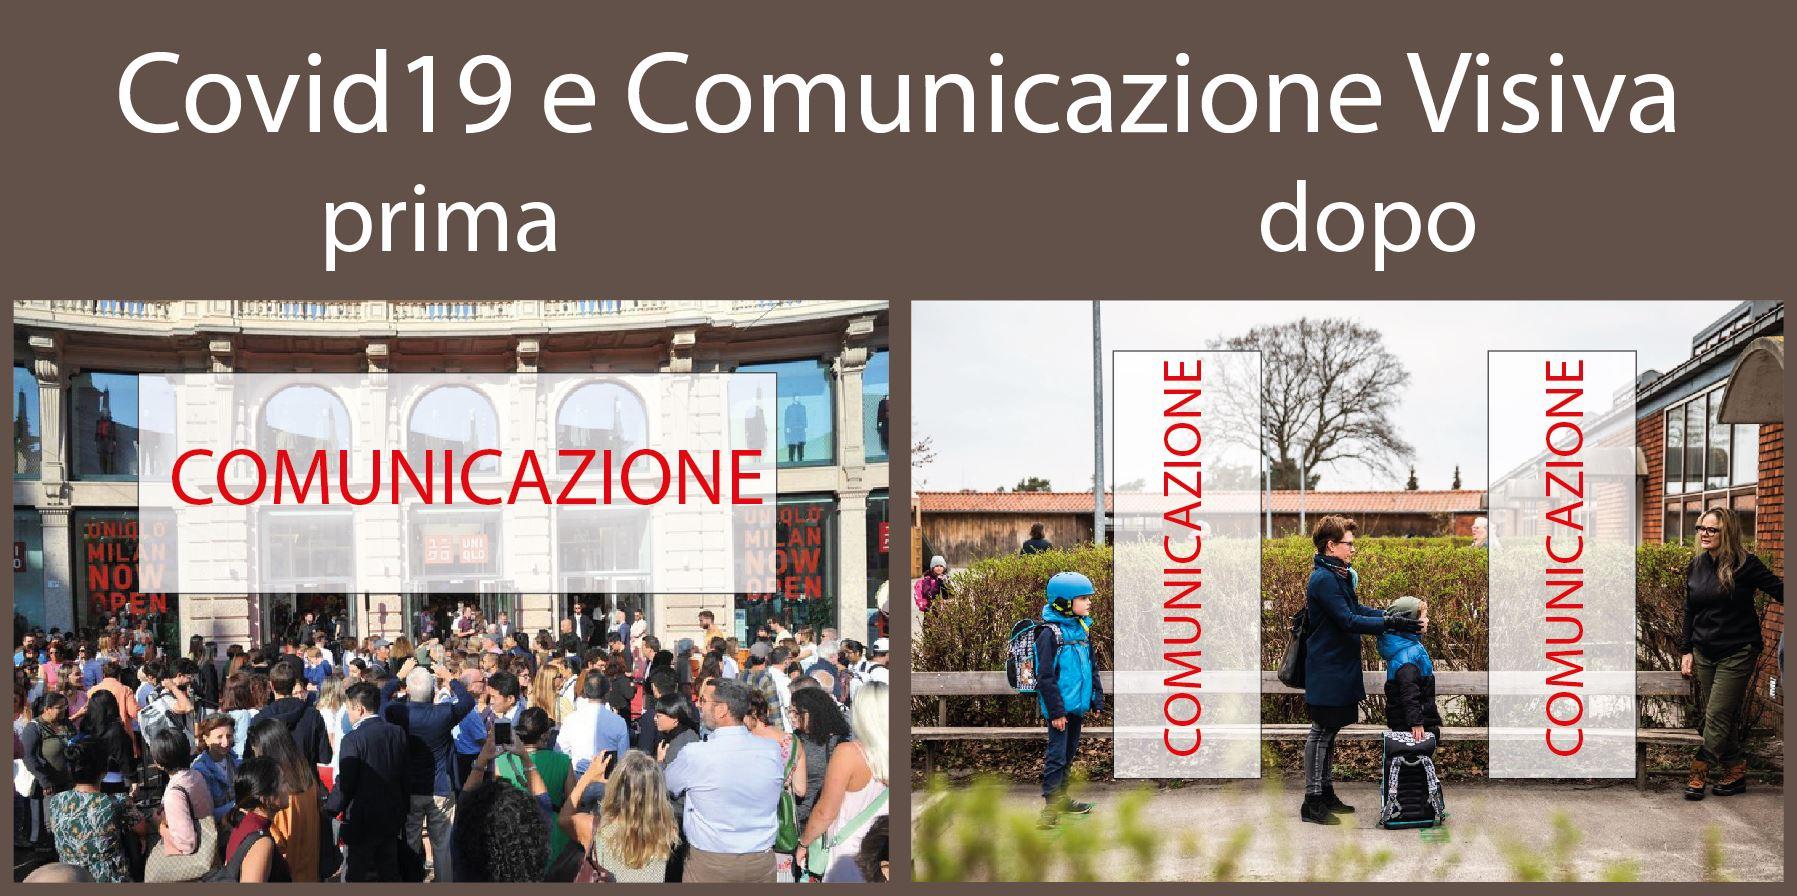 Covid19 e Comunicazione visiva